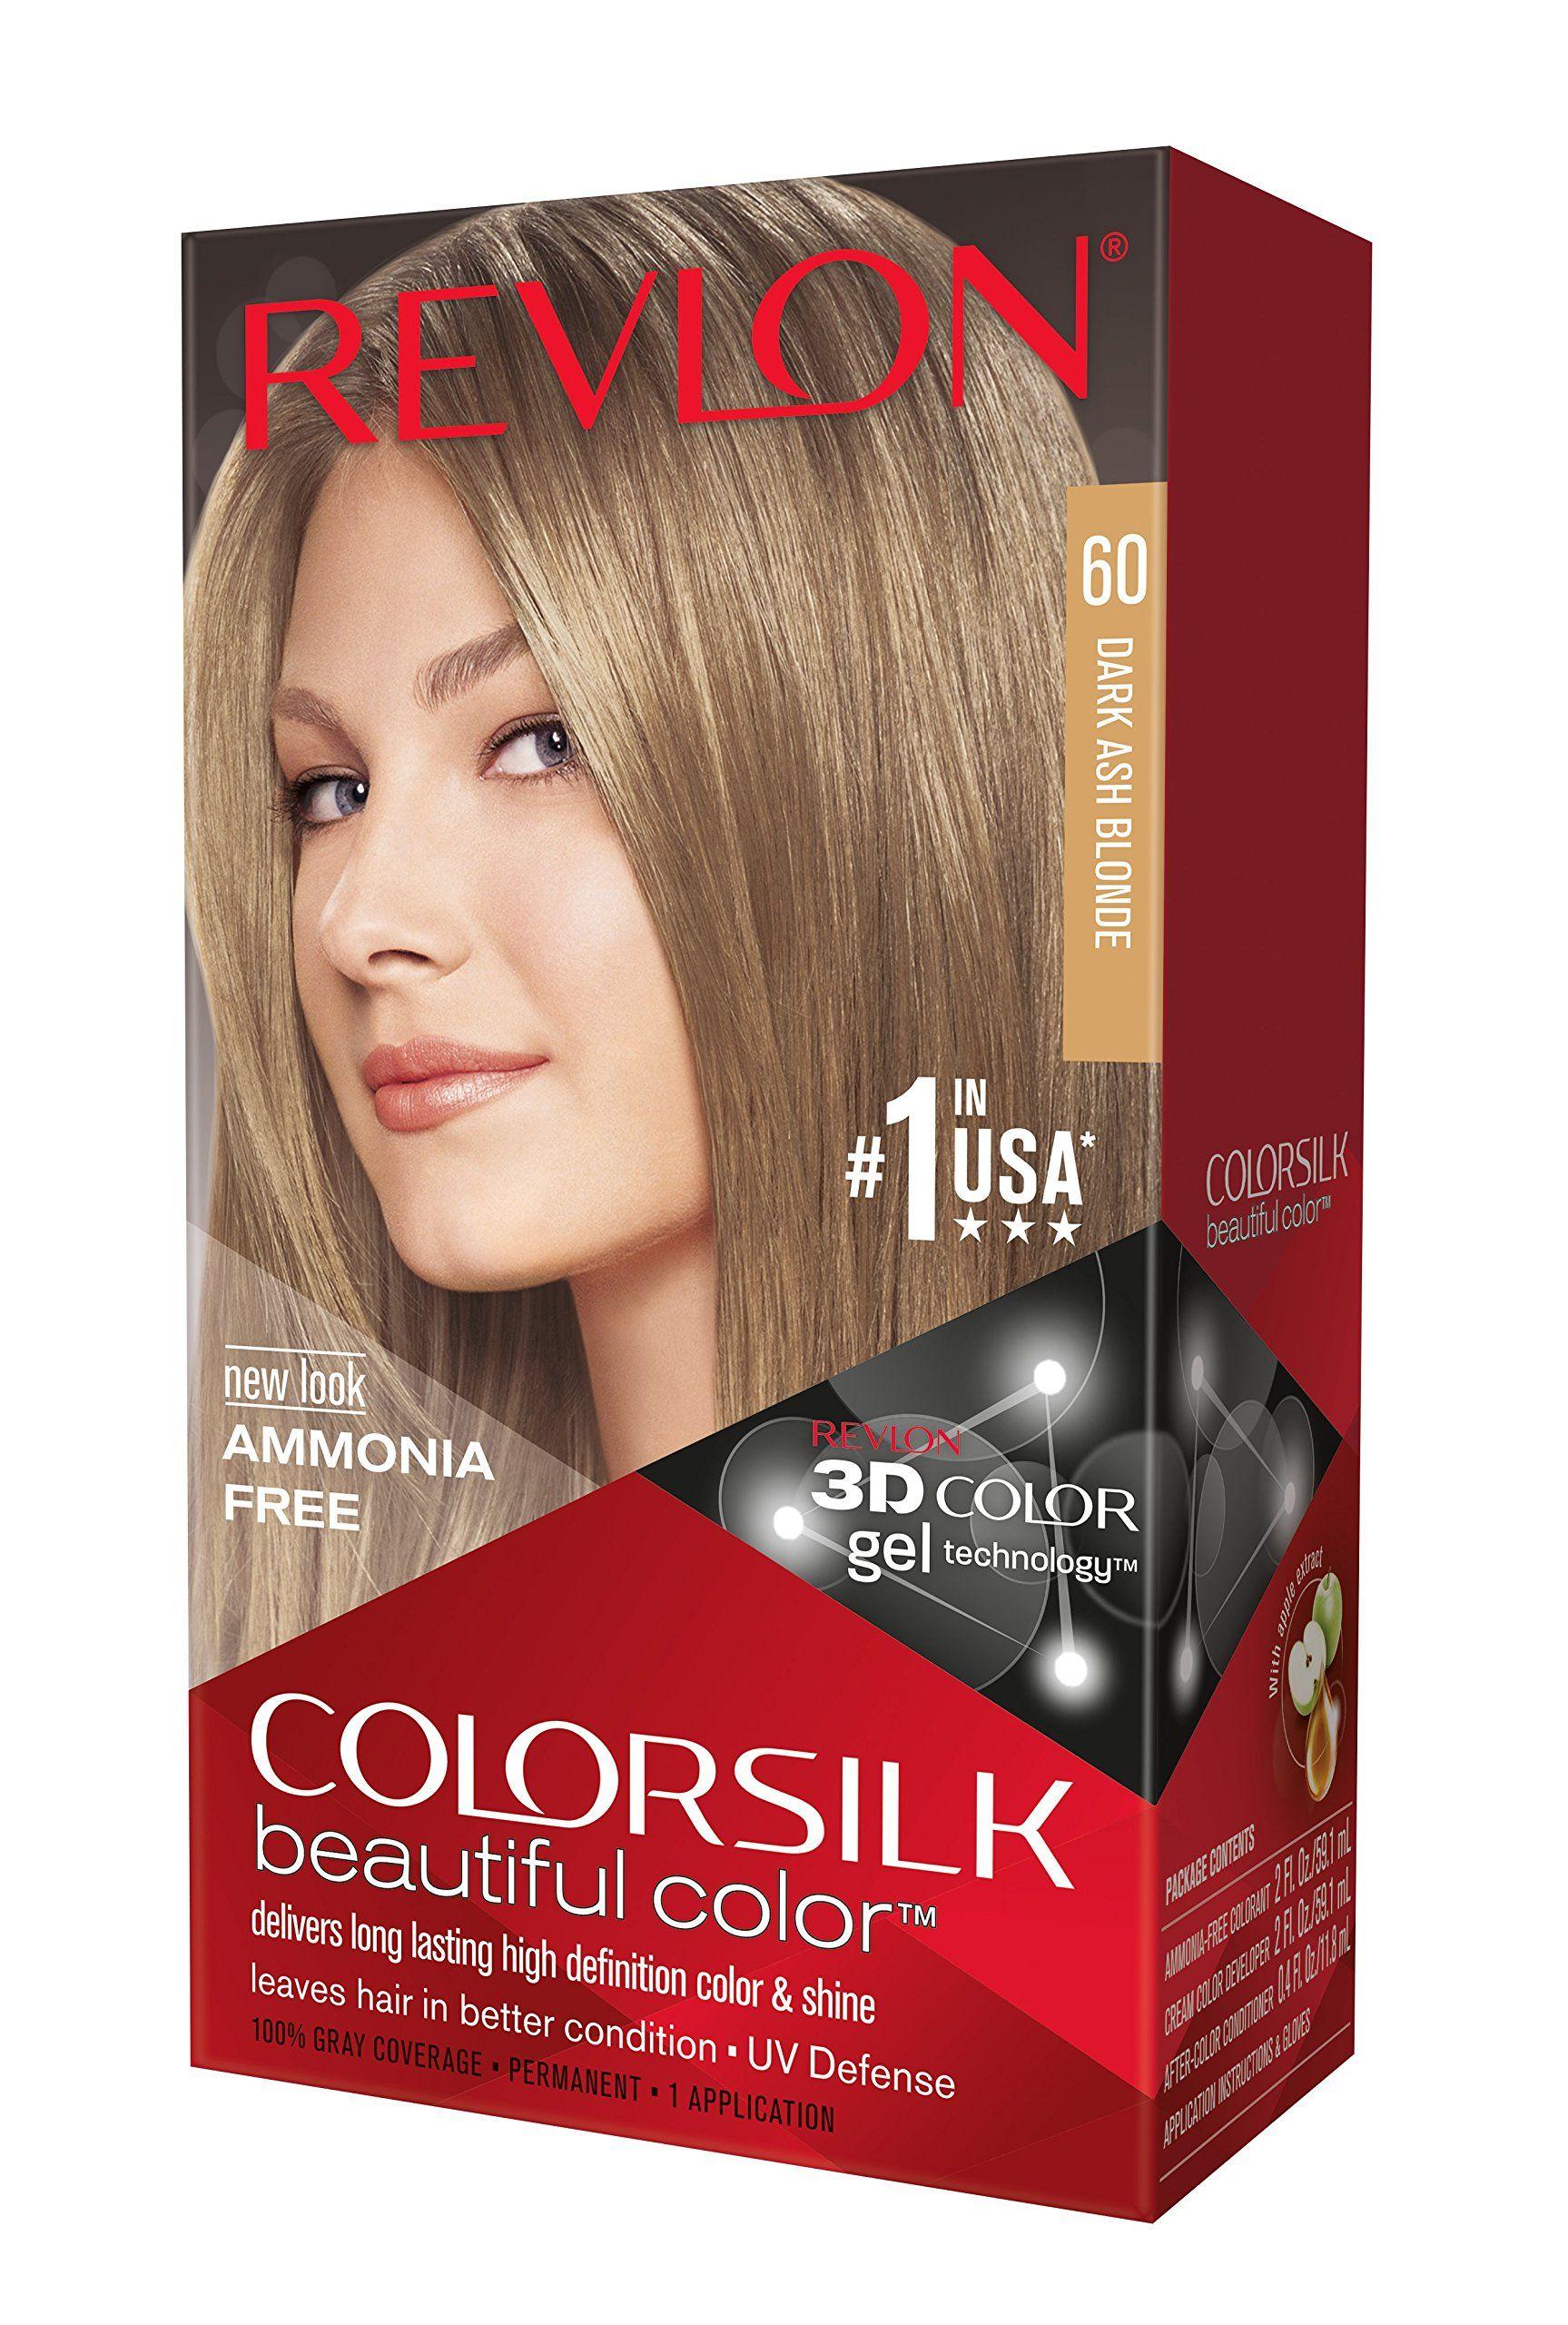 Revlon Colorsilk 60 Dark Ash Blonde Dark Ash Blonde Revlon Colorsilk Ash Blonde